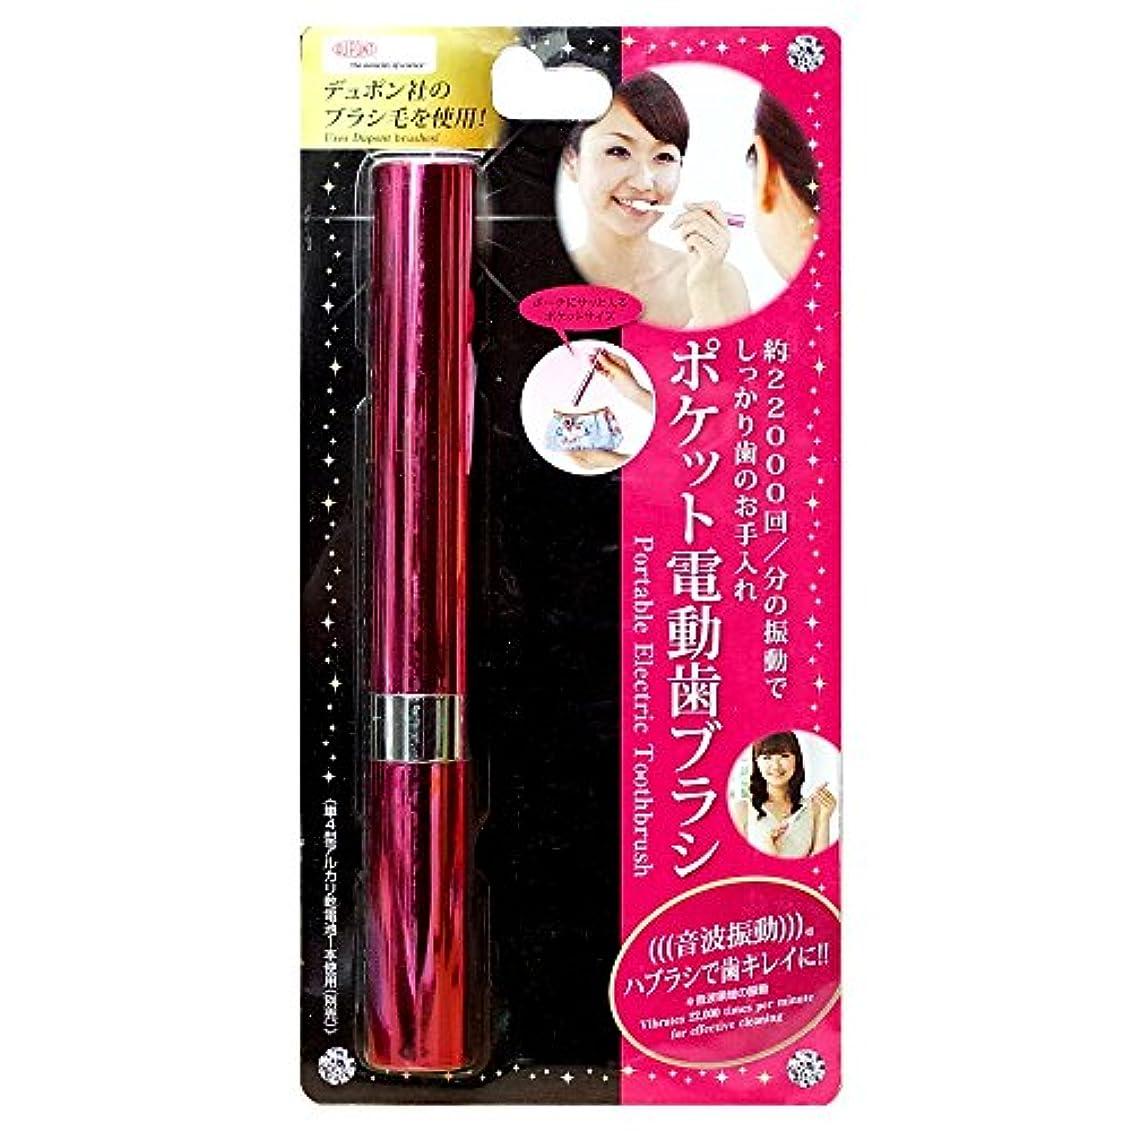 スツール小競り合い膜アイメディア ポケット電動歯ブラシ ピンク